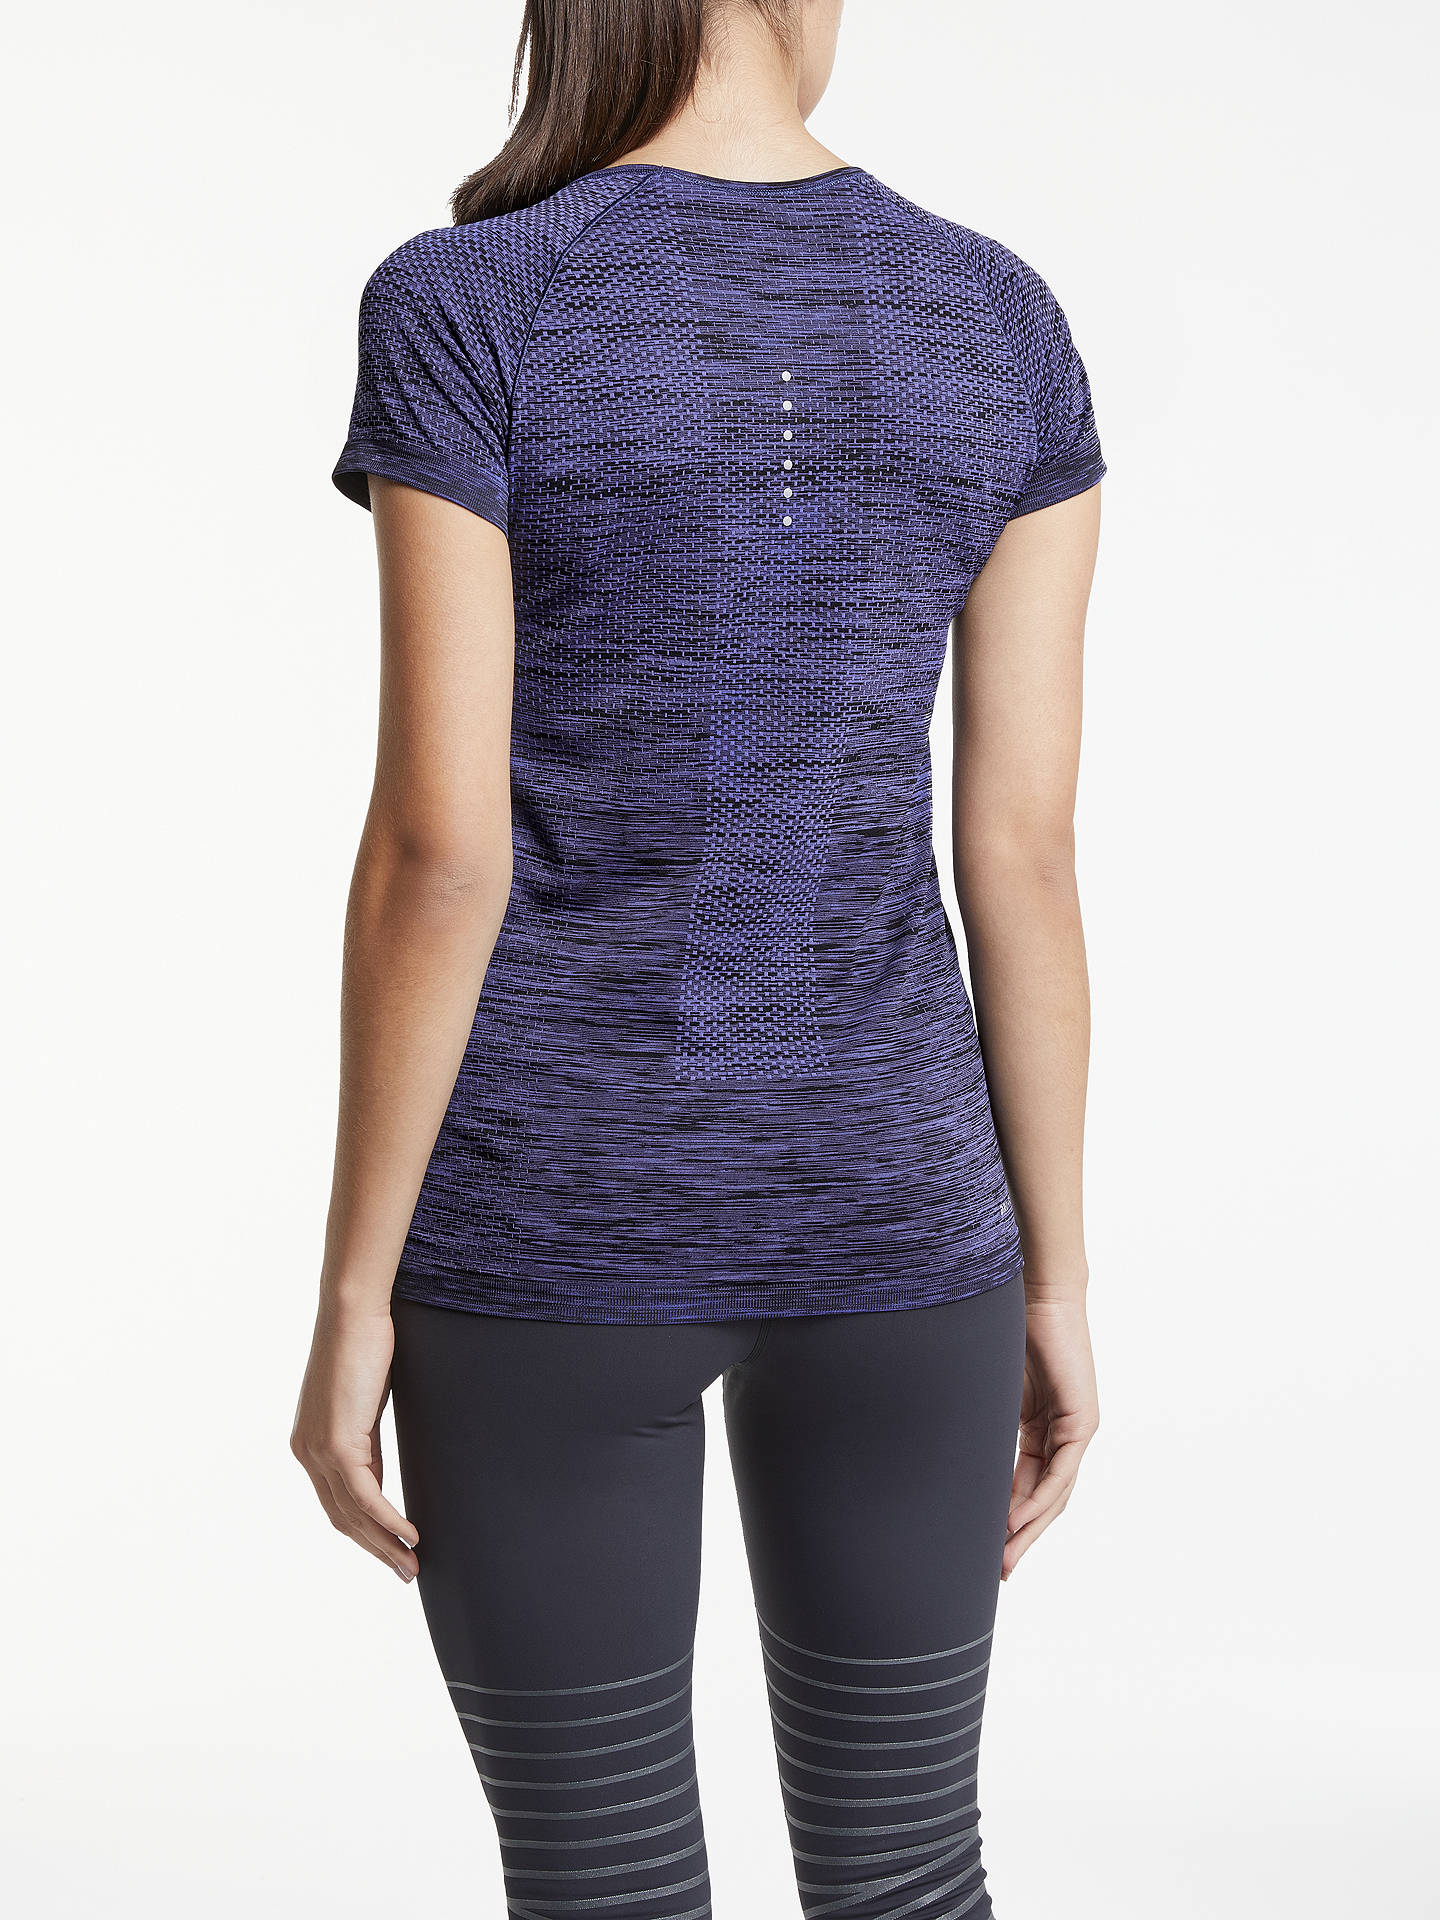 Nike Dri FIT Knit Short Sleeve Running T Shirt, Purple Comet